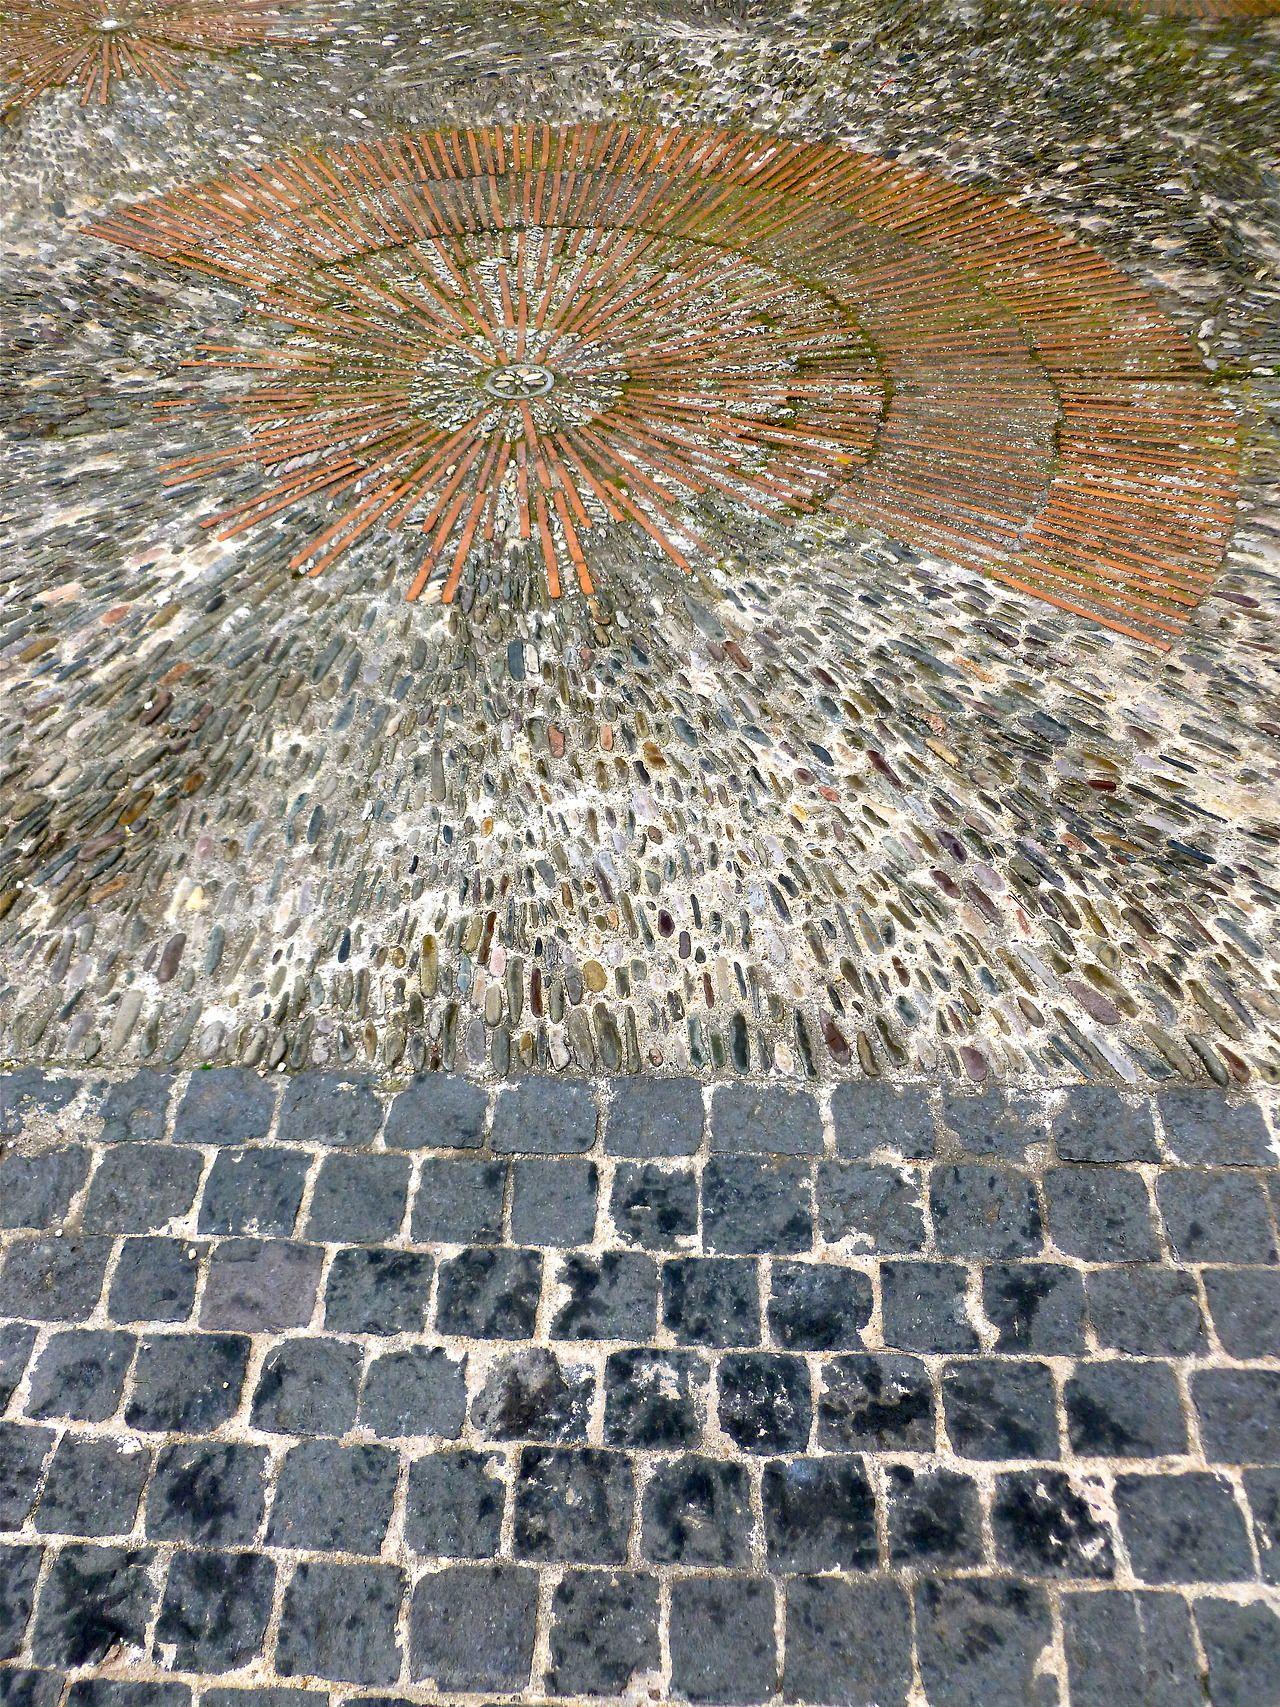 den delve stone paving garden design on ttl design